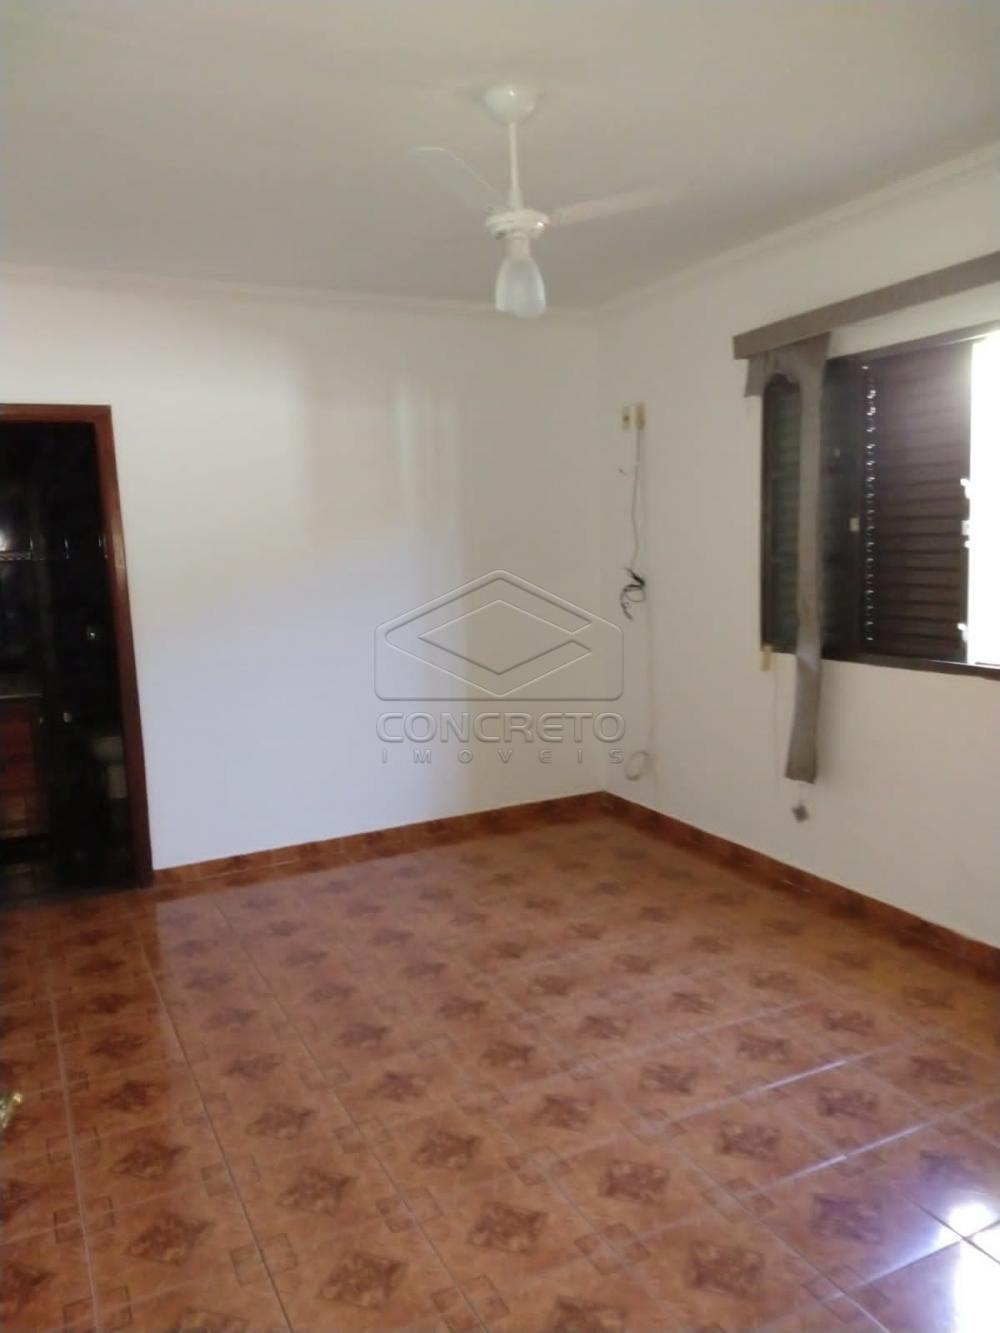 Alugar Casa / Residencia em Jaú R$ 1.200,00 - Foto 8